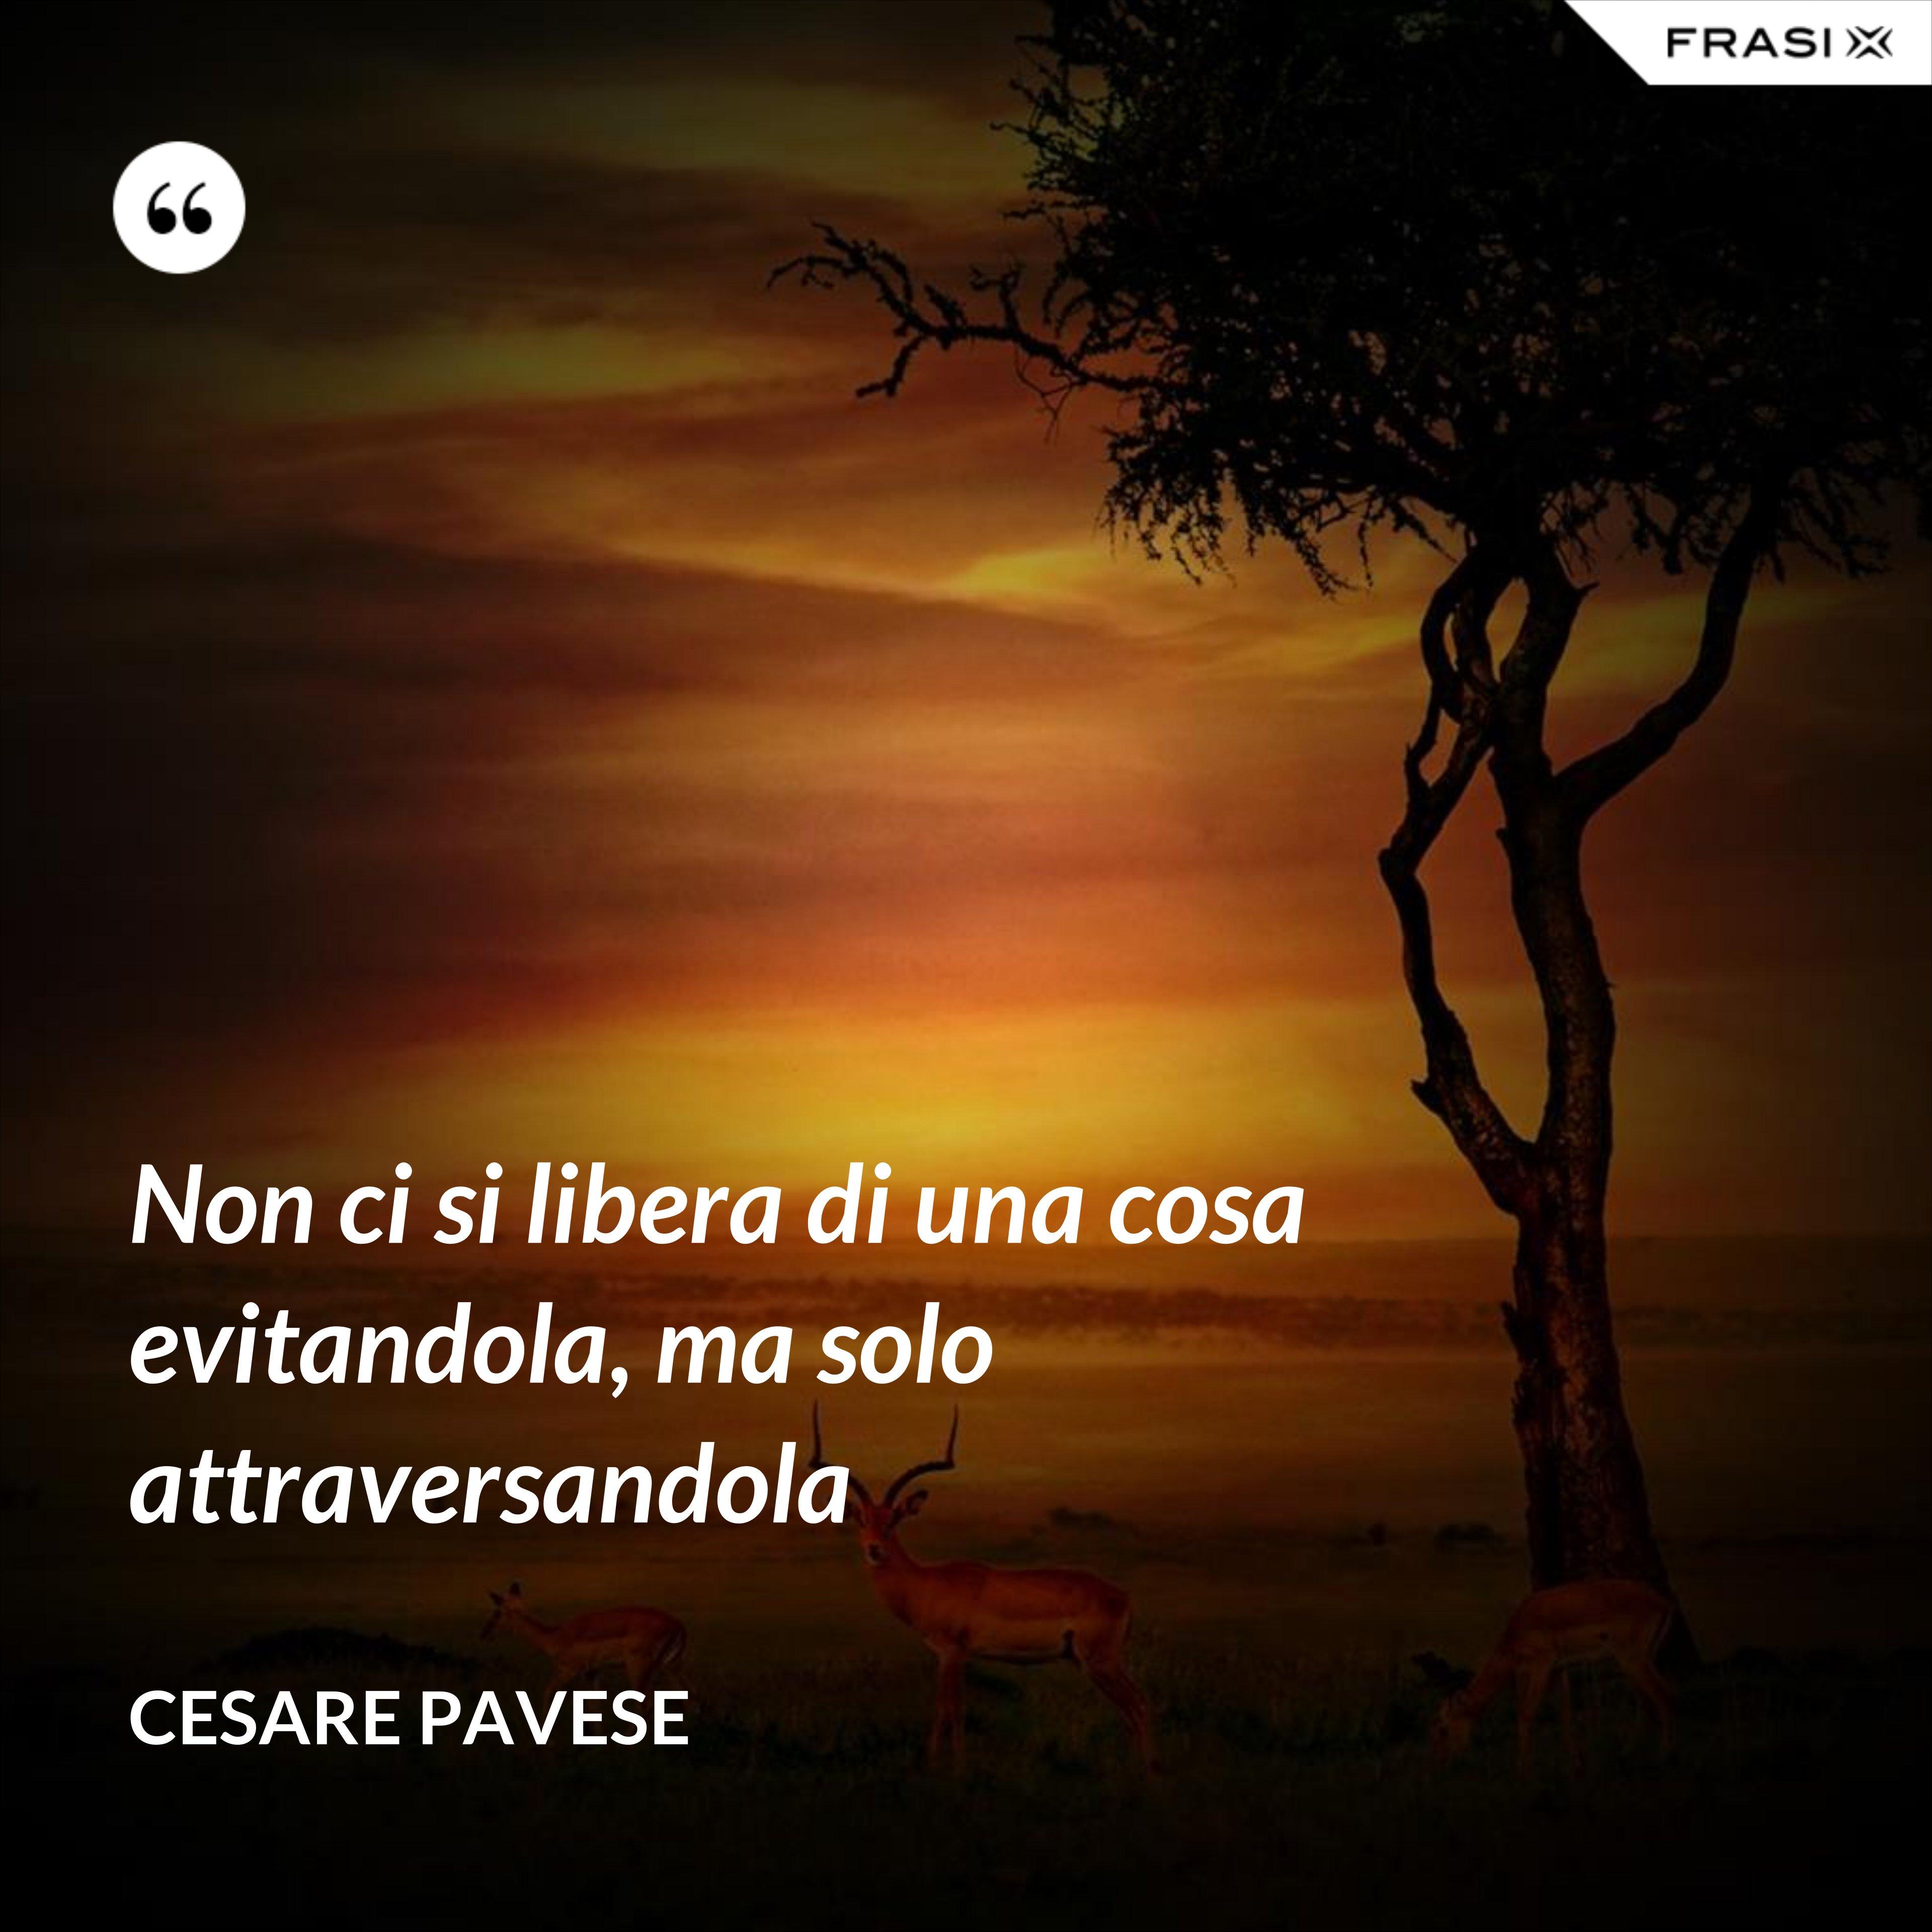 Non ci si libera di una cosa evitandola, ma solo attraversandola - Cesare Pavese